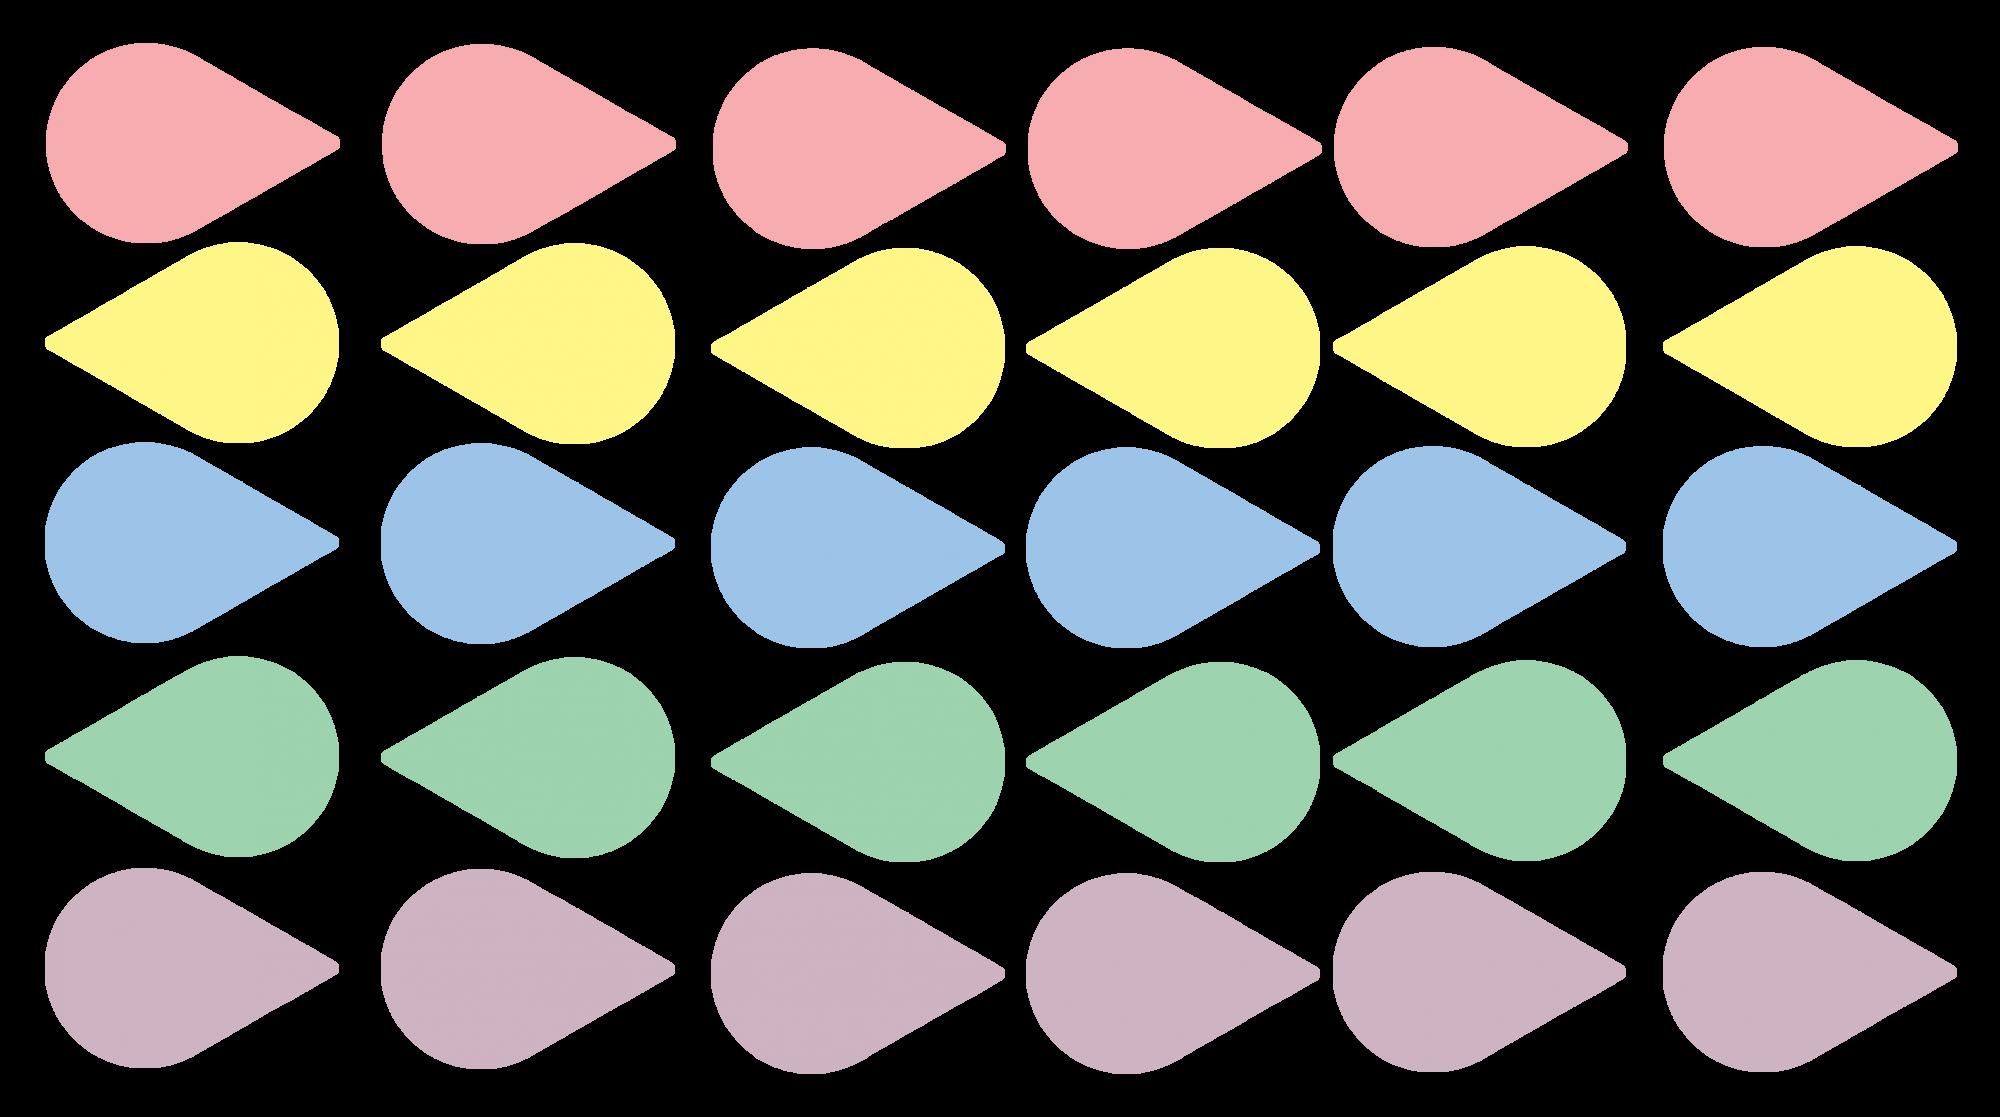 MM021 - Adesivo Gotas de Chuva Coloridas (Kit com 30 Unidades)